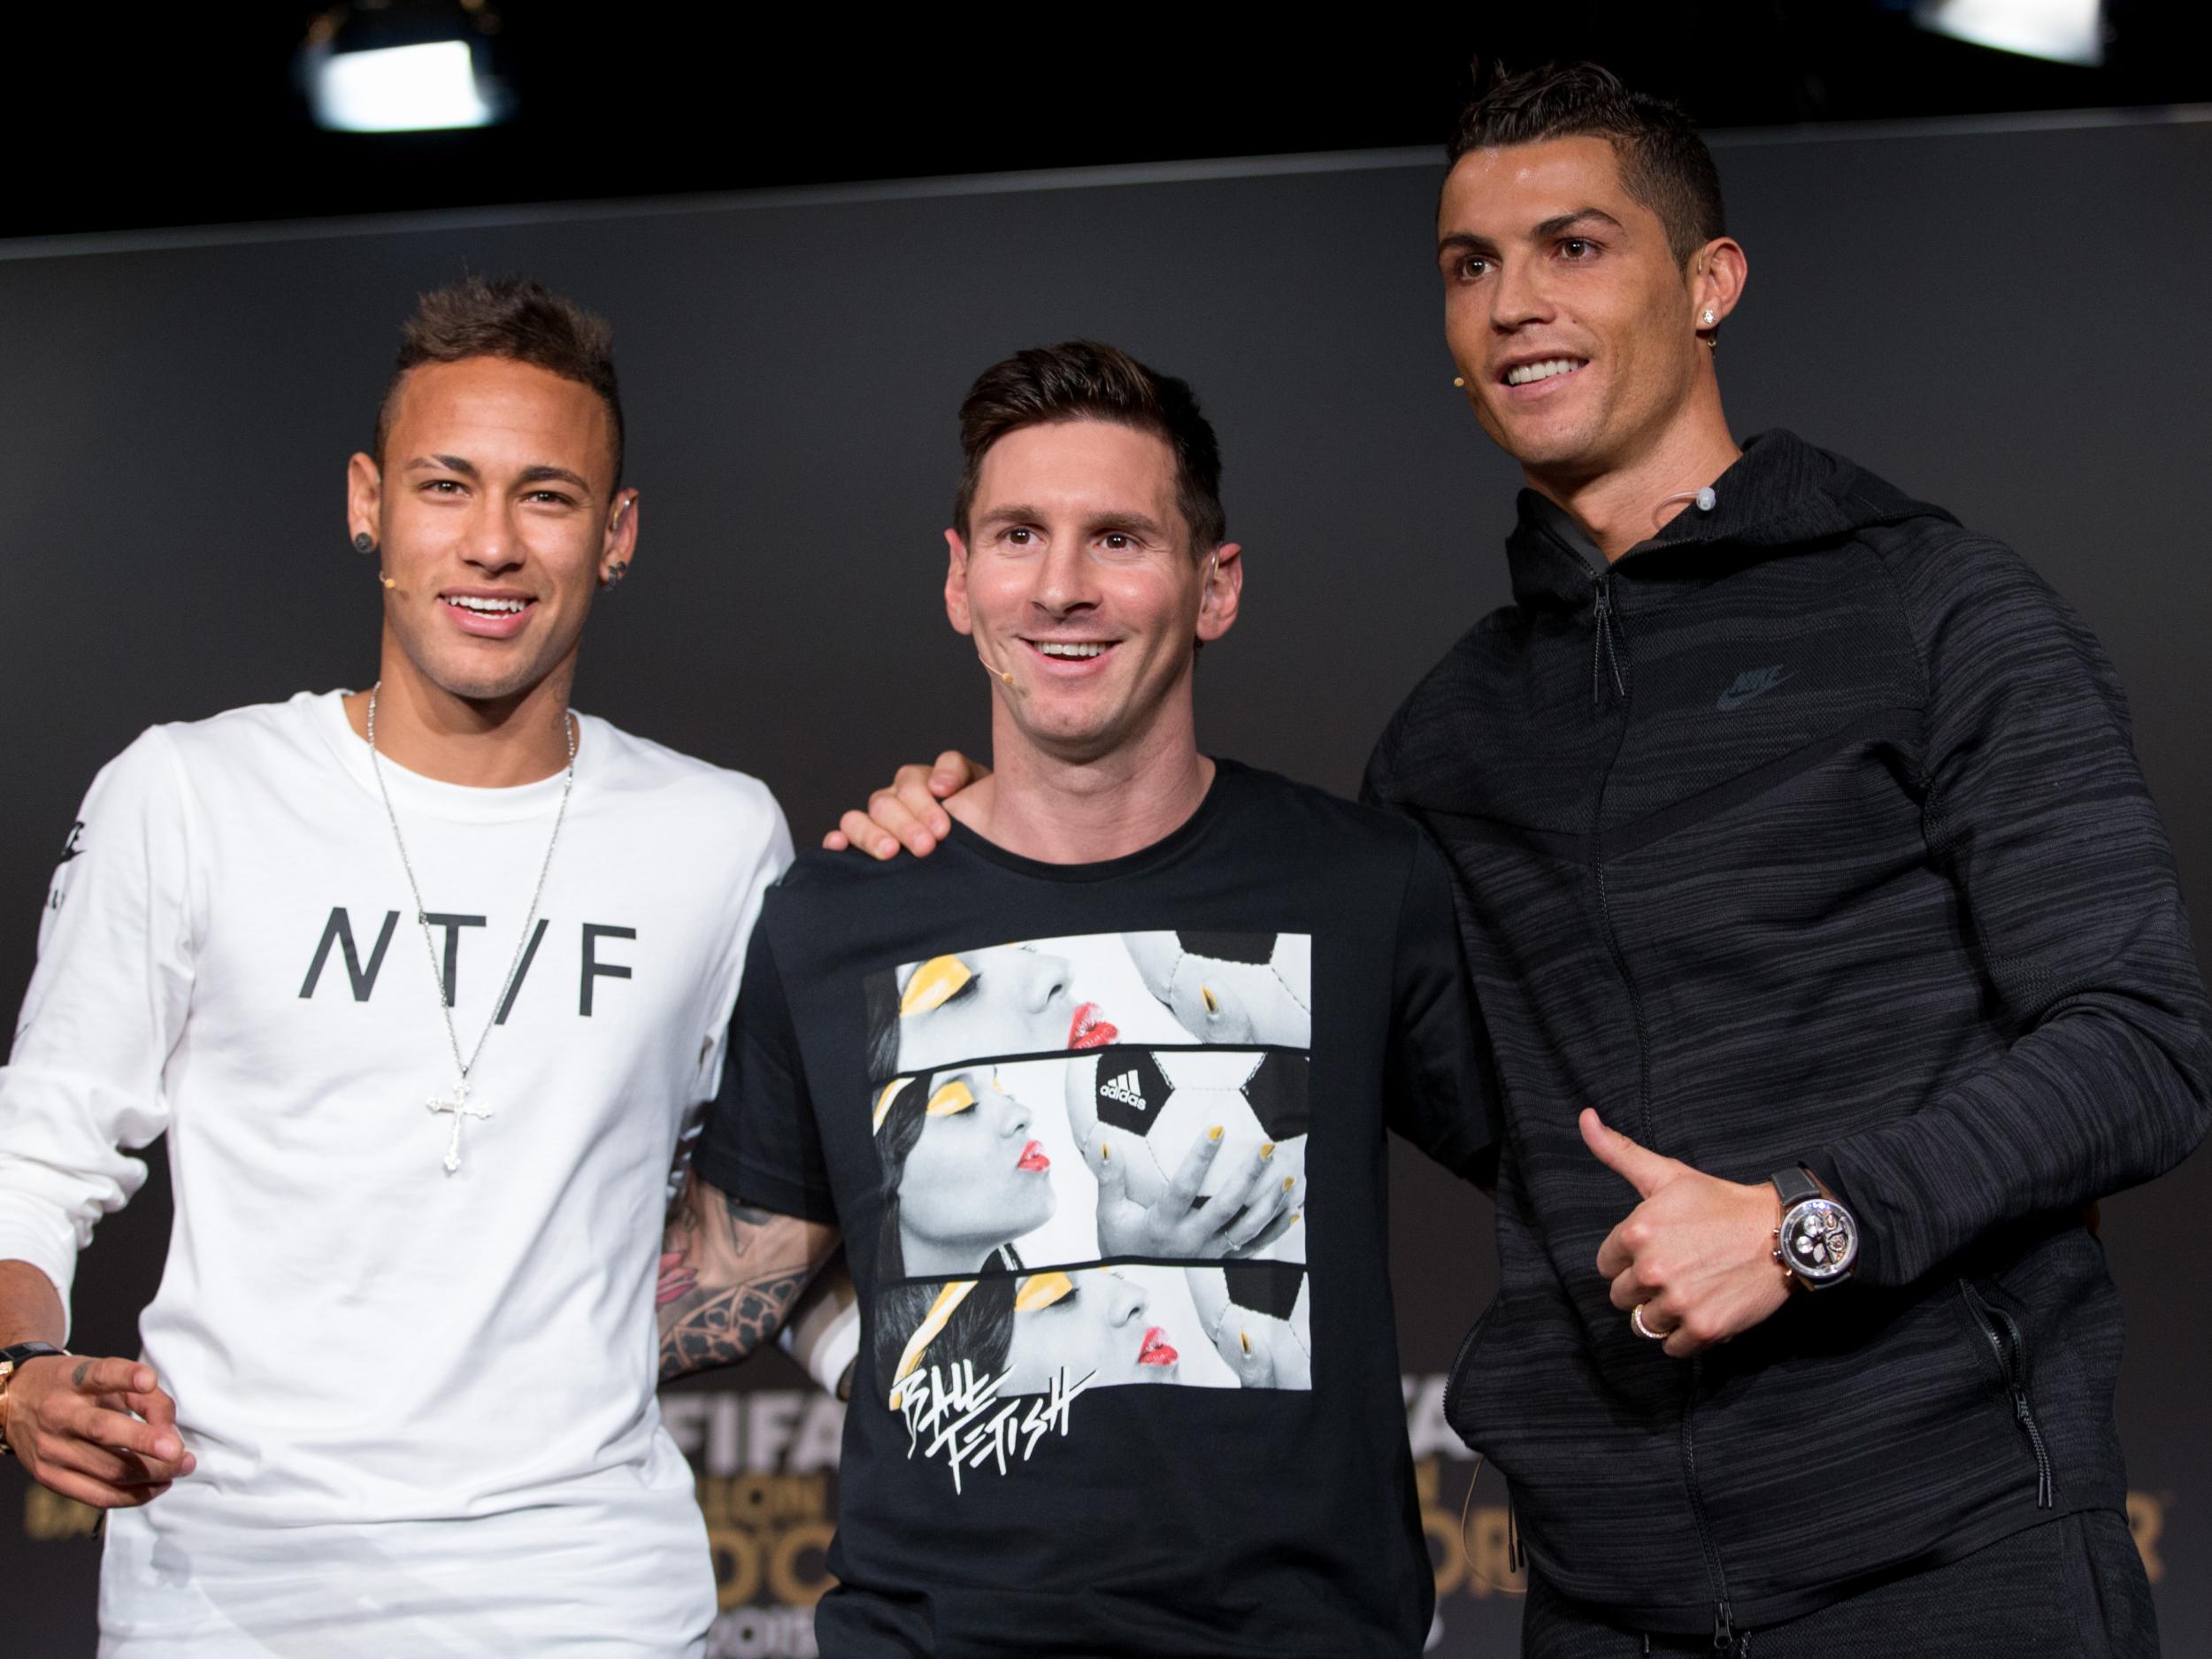 Resultado de imagen para Neymar messi ronaldo